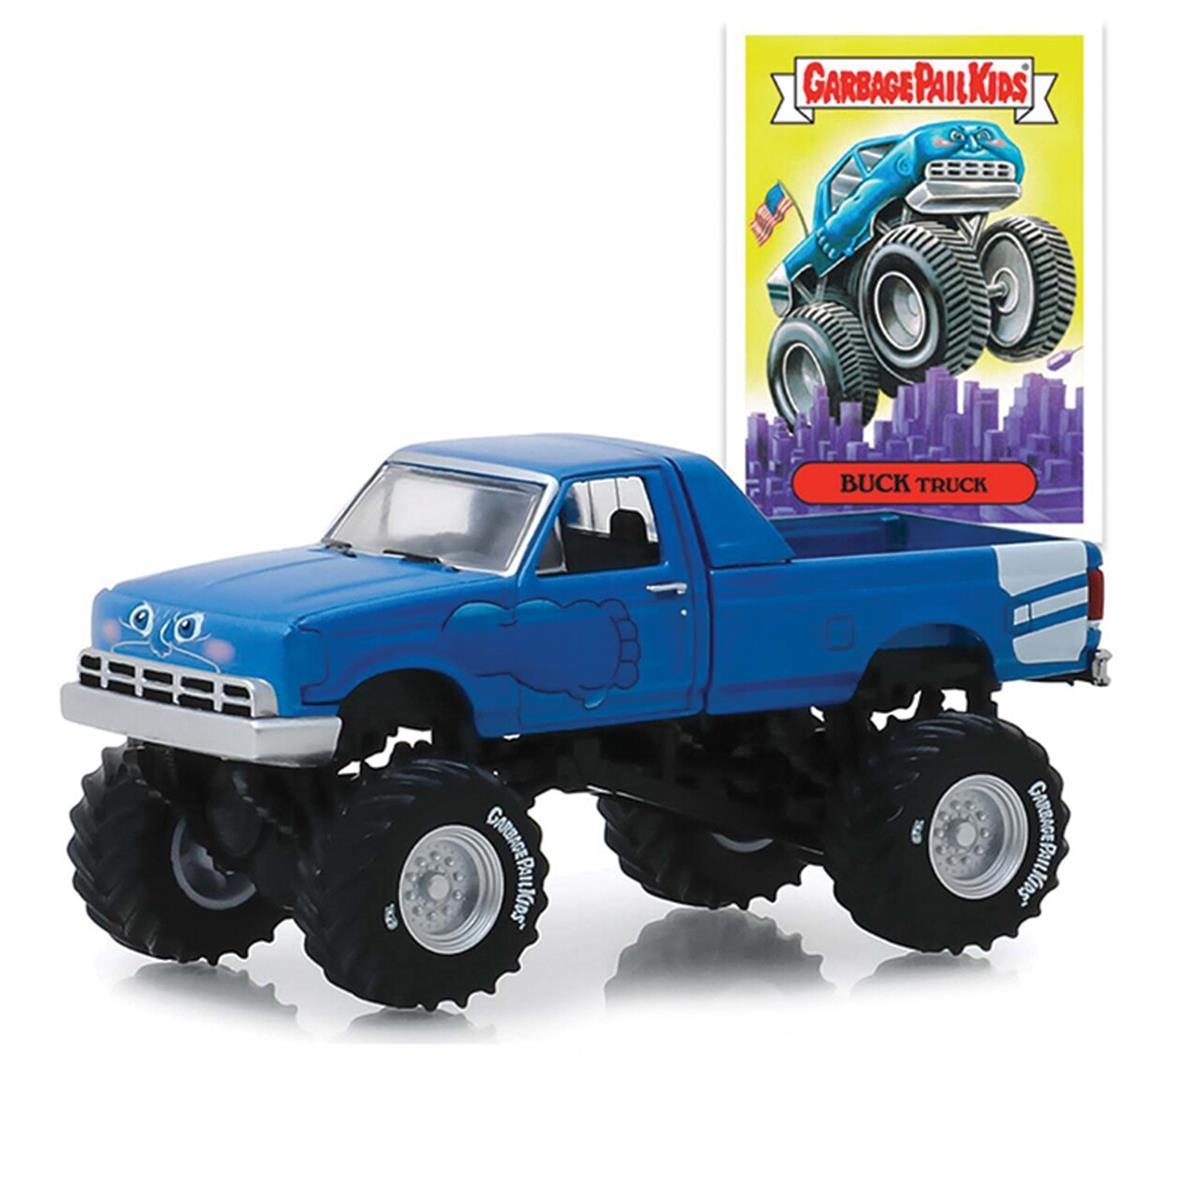 緑light Buck Truck Custom 1995 Monster Truck Garbage Pail Kids 1/64 Scale スケール Diecast Model ダイキャスト ミニカー おもちゃ 玩具 コレクション ミニチュア ダイカスト ...